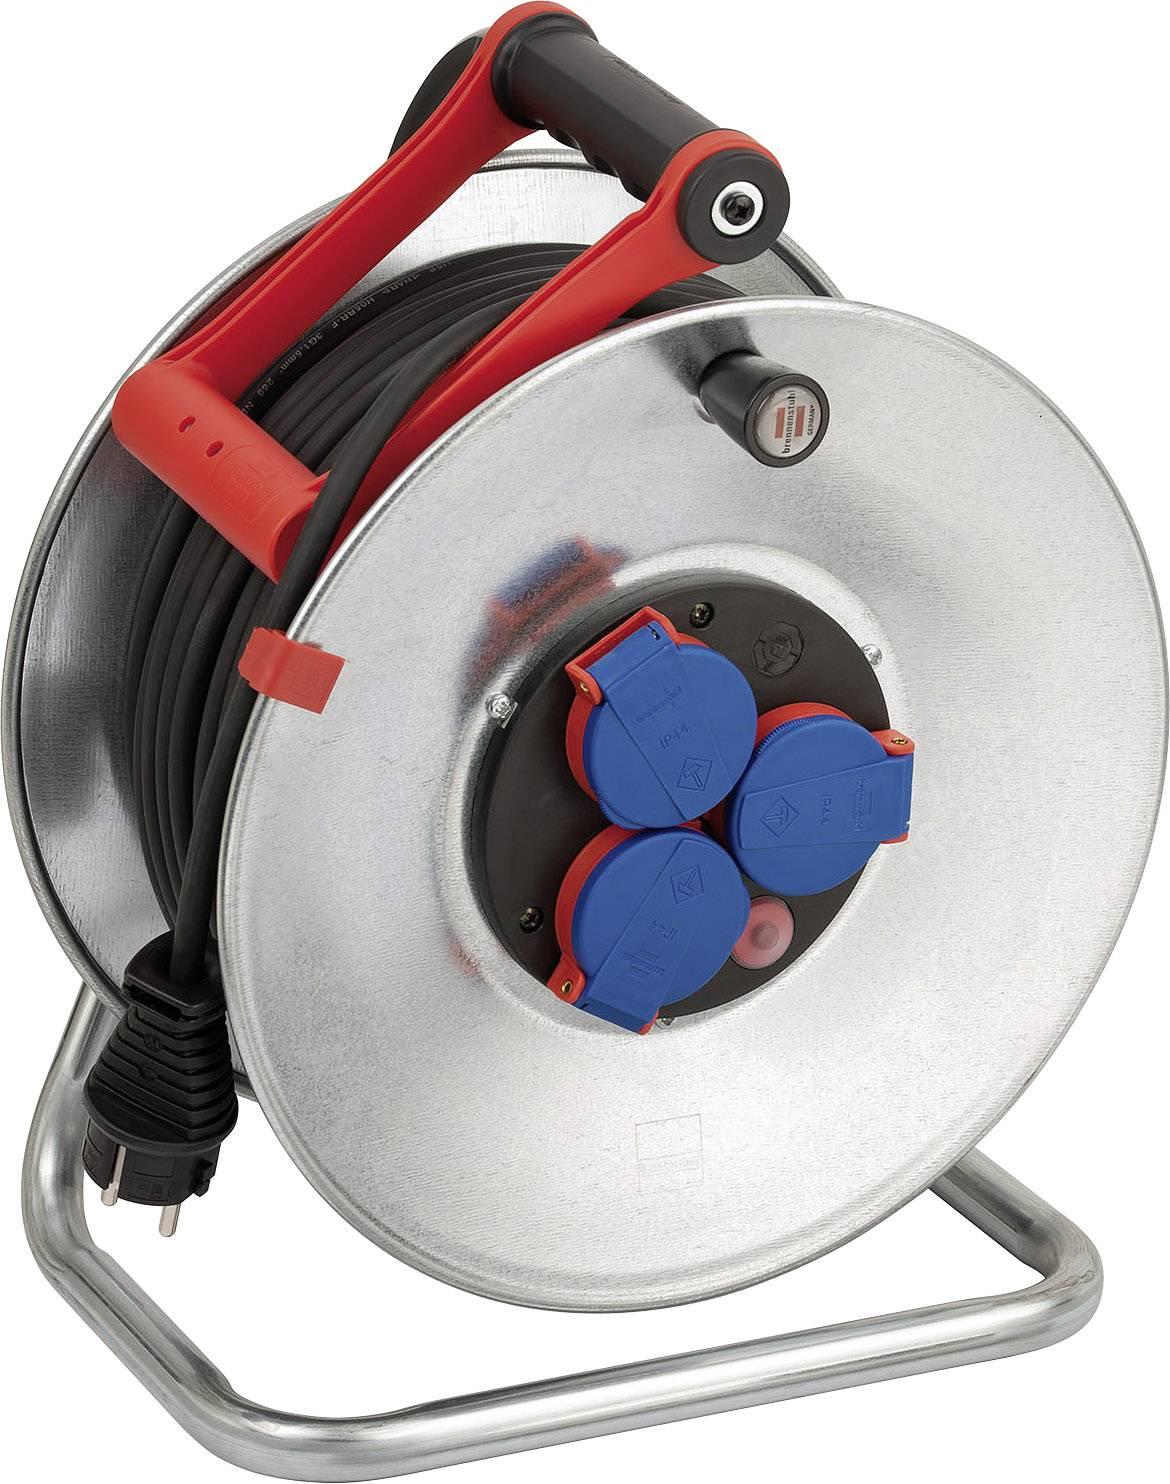 Kabelový buben Brennenstuhl Garant, 1198530, 3 zásuvky, 50 m, černá